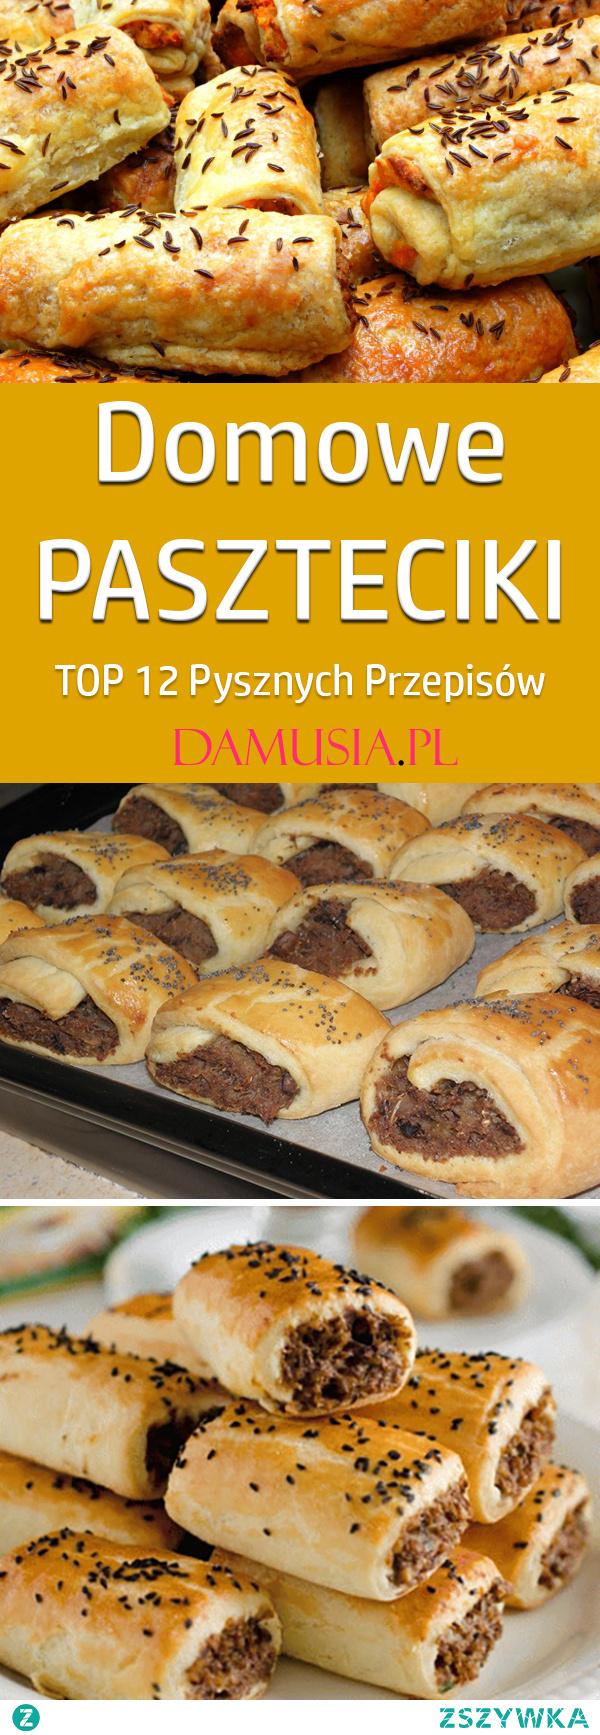 TOP 12 Pysznych Przepisów na Domowe Paszteciki